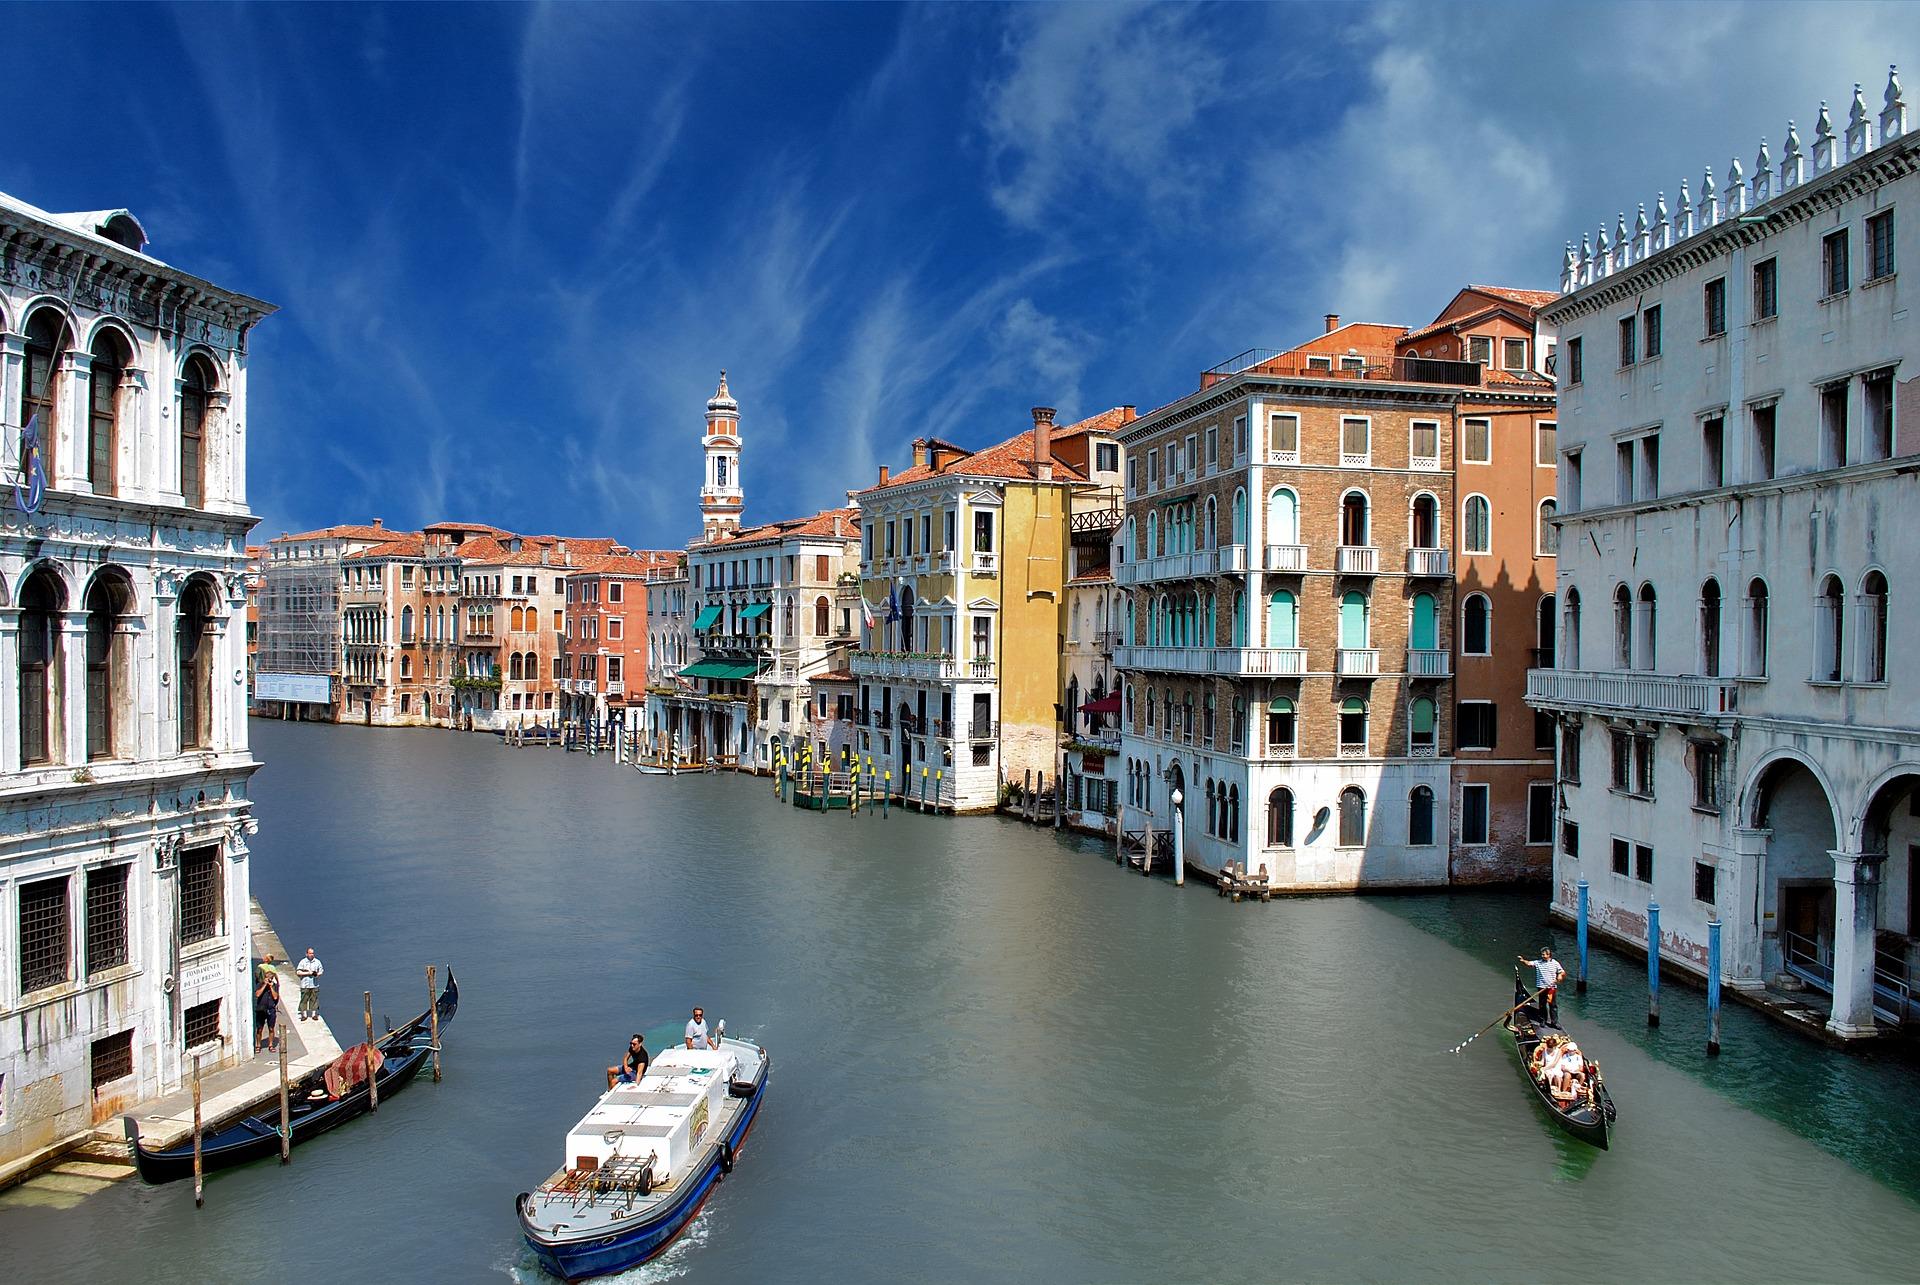 Carnet de voyage de Venise